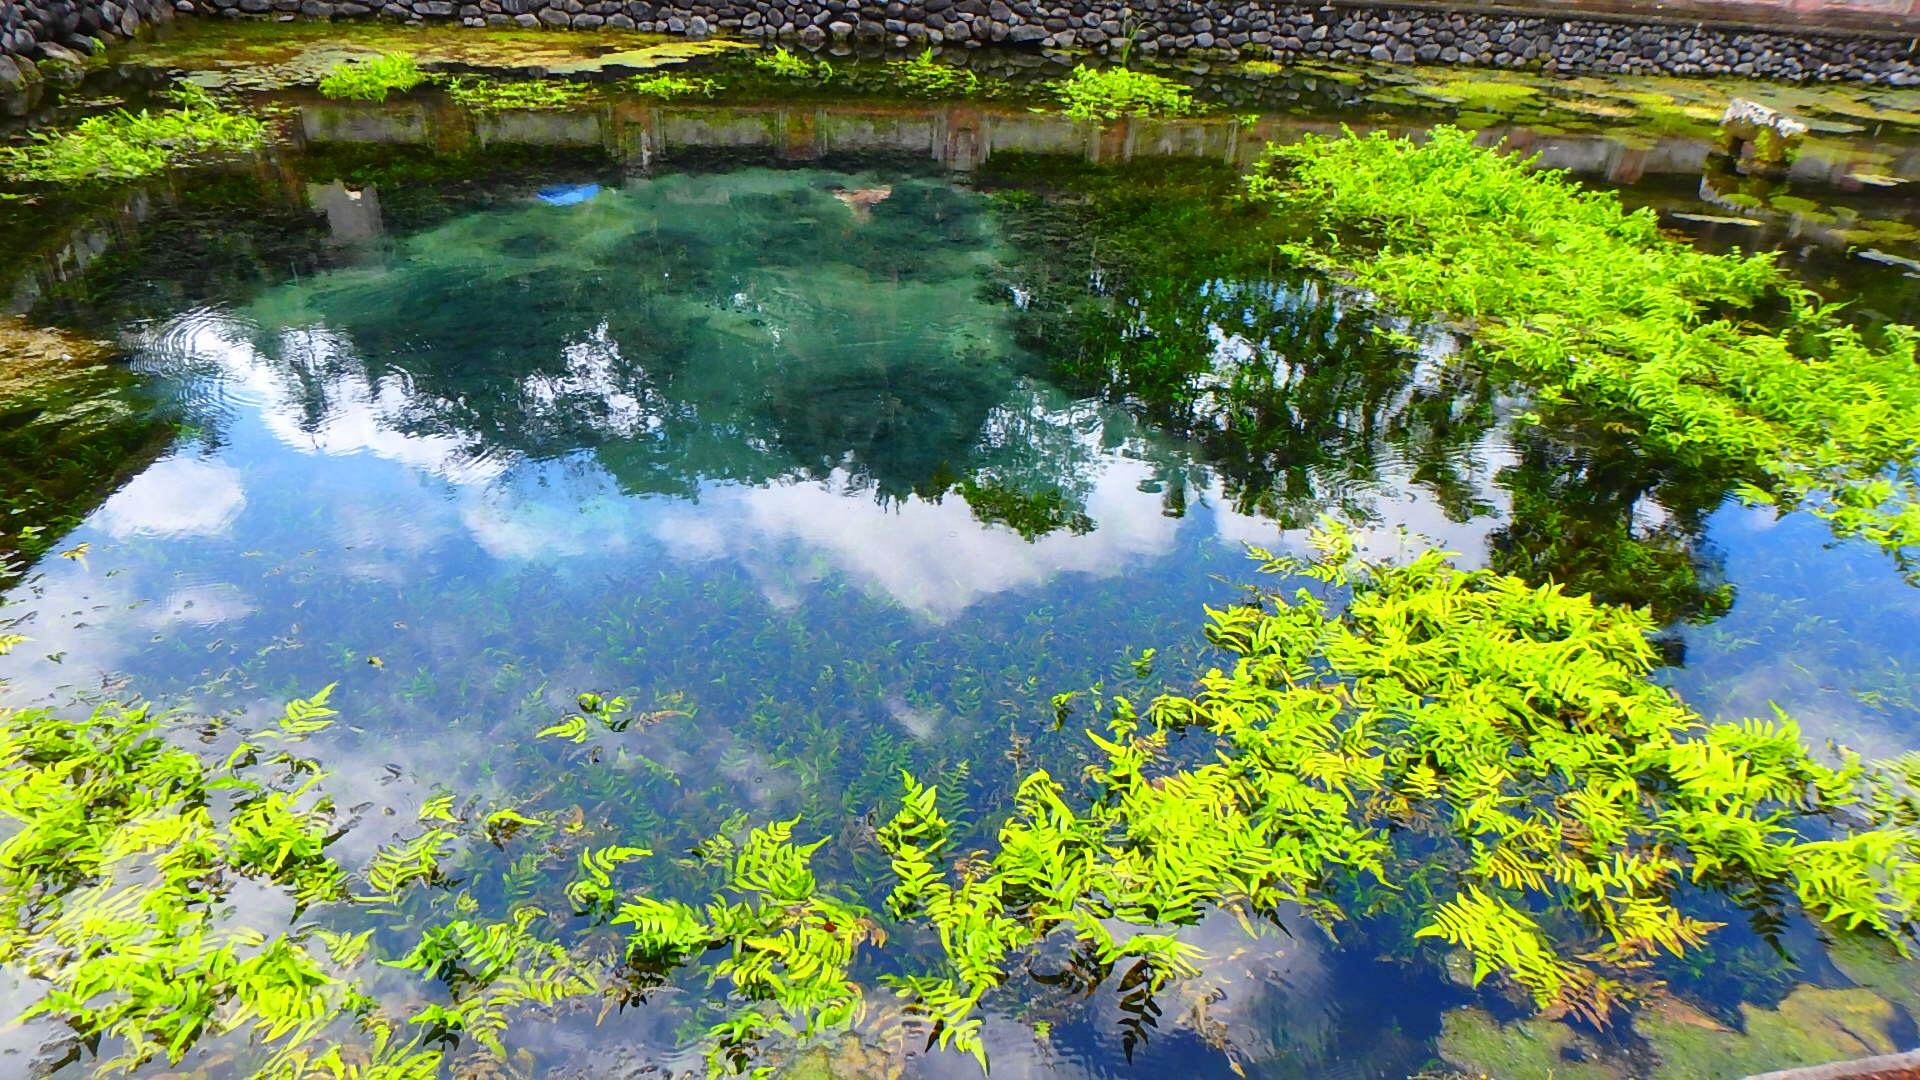 バリ島ティルタウンプル寺院聖水の沸く神聖な泉